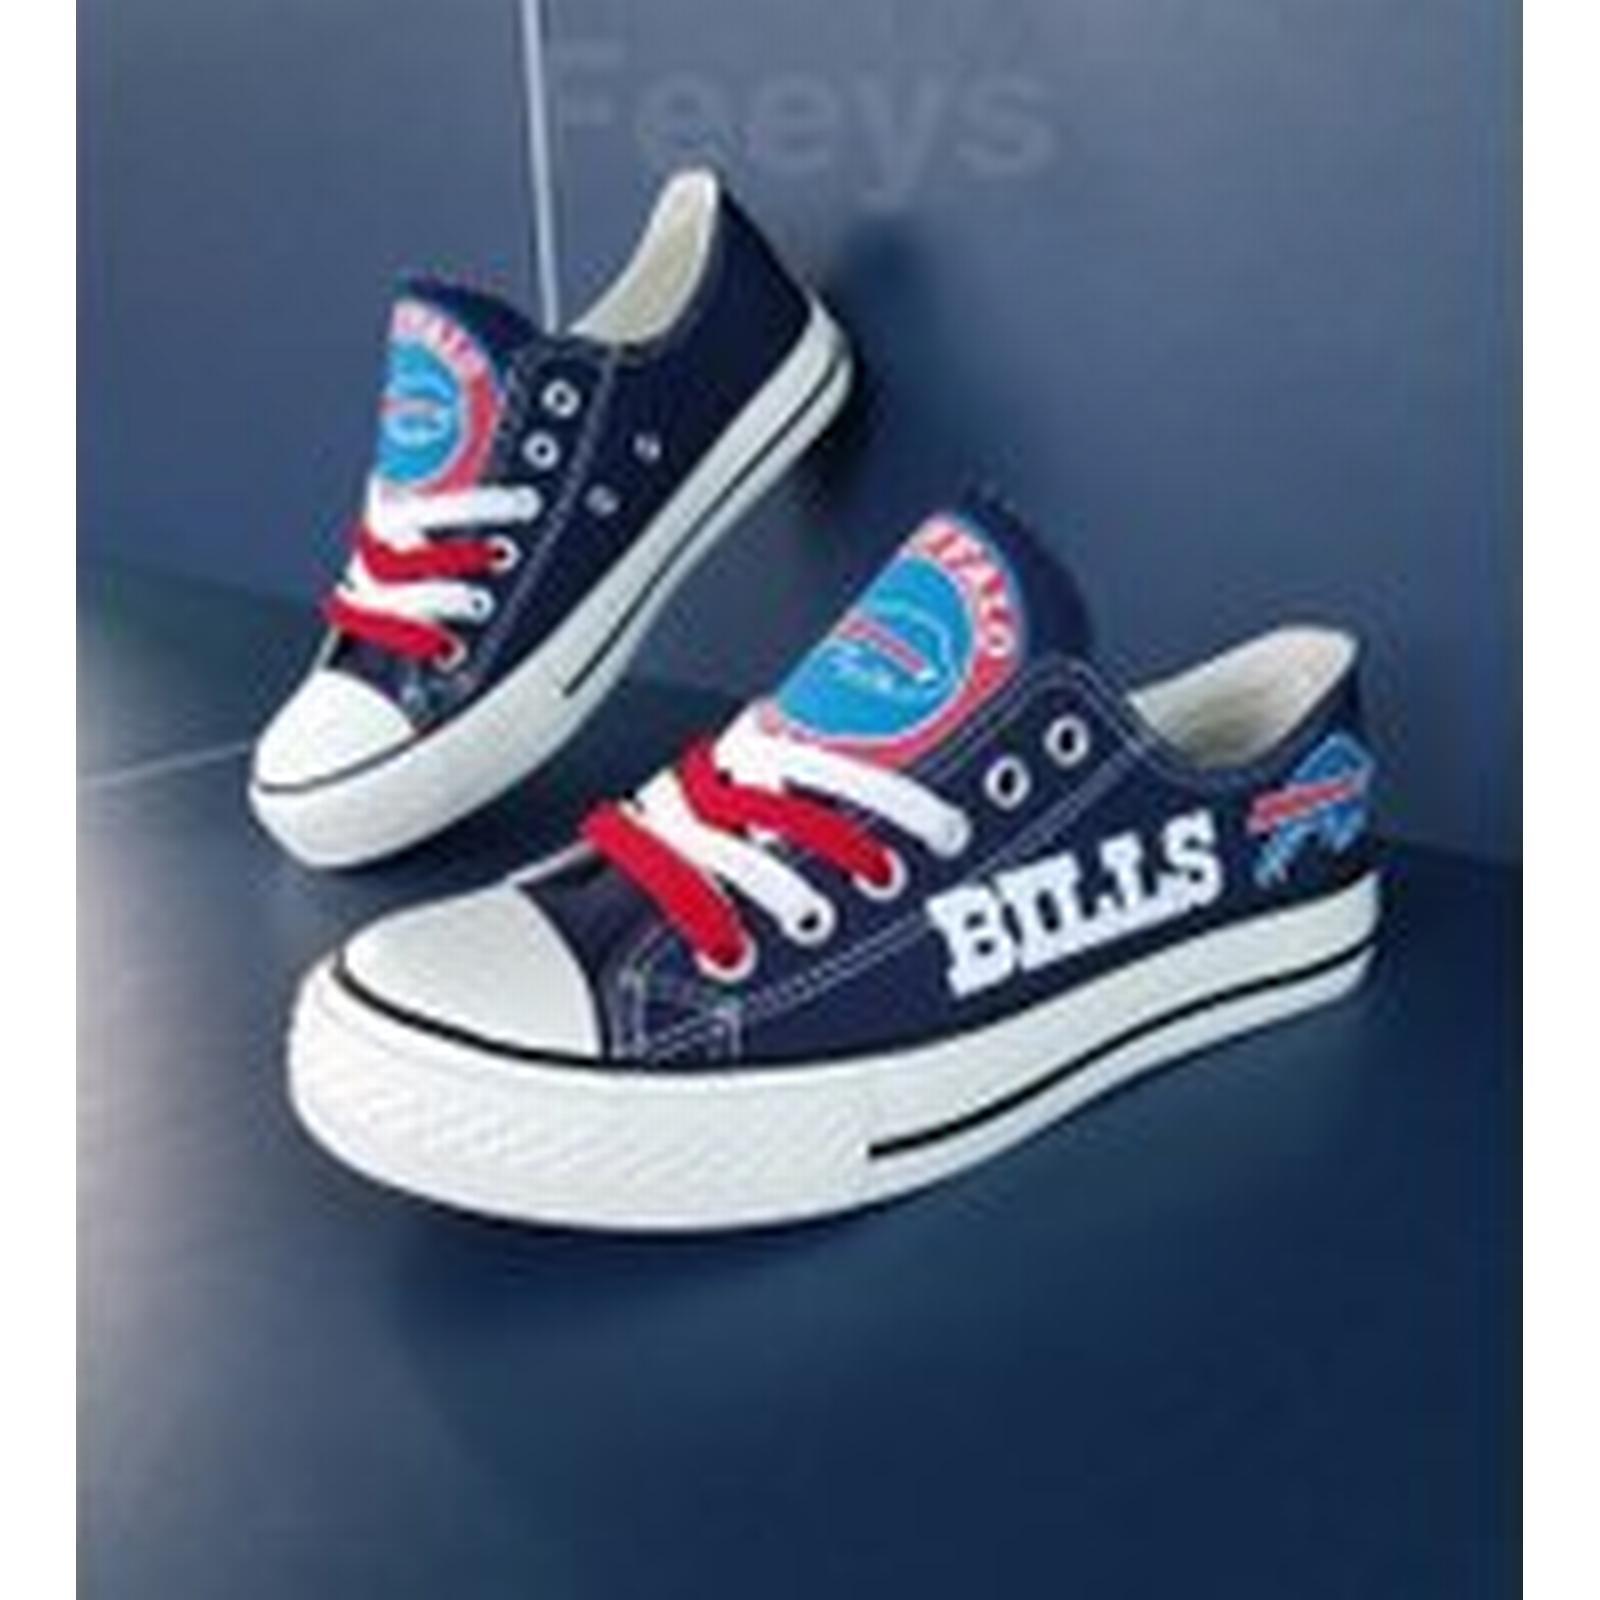 Bonanza (Global) Buffalo Buffalo Buffalo Bills shoes Bills sneakers Fashion Christmas gift birthday gift for her be9cda